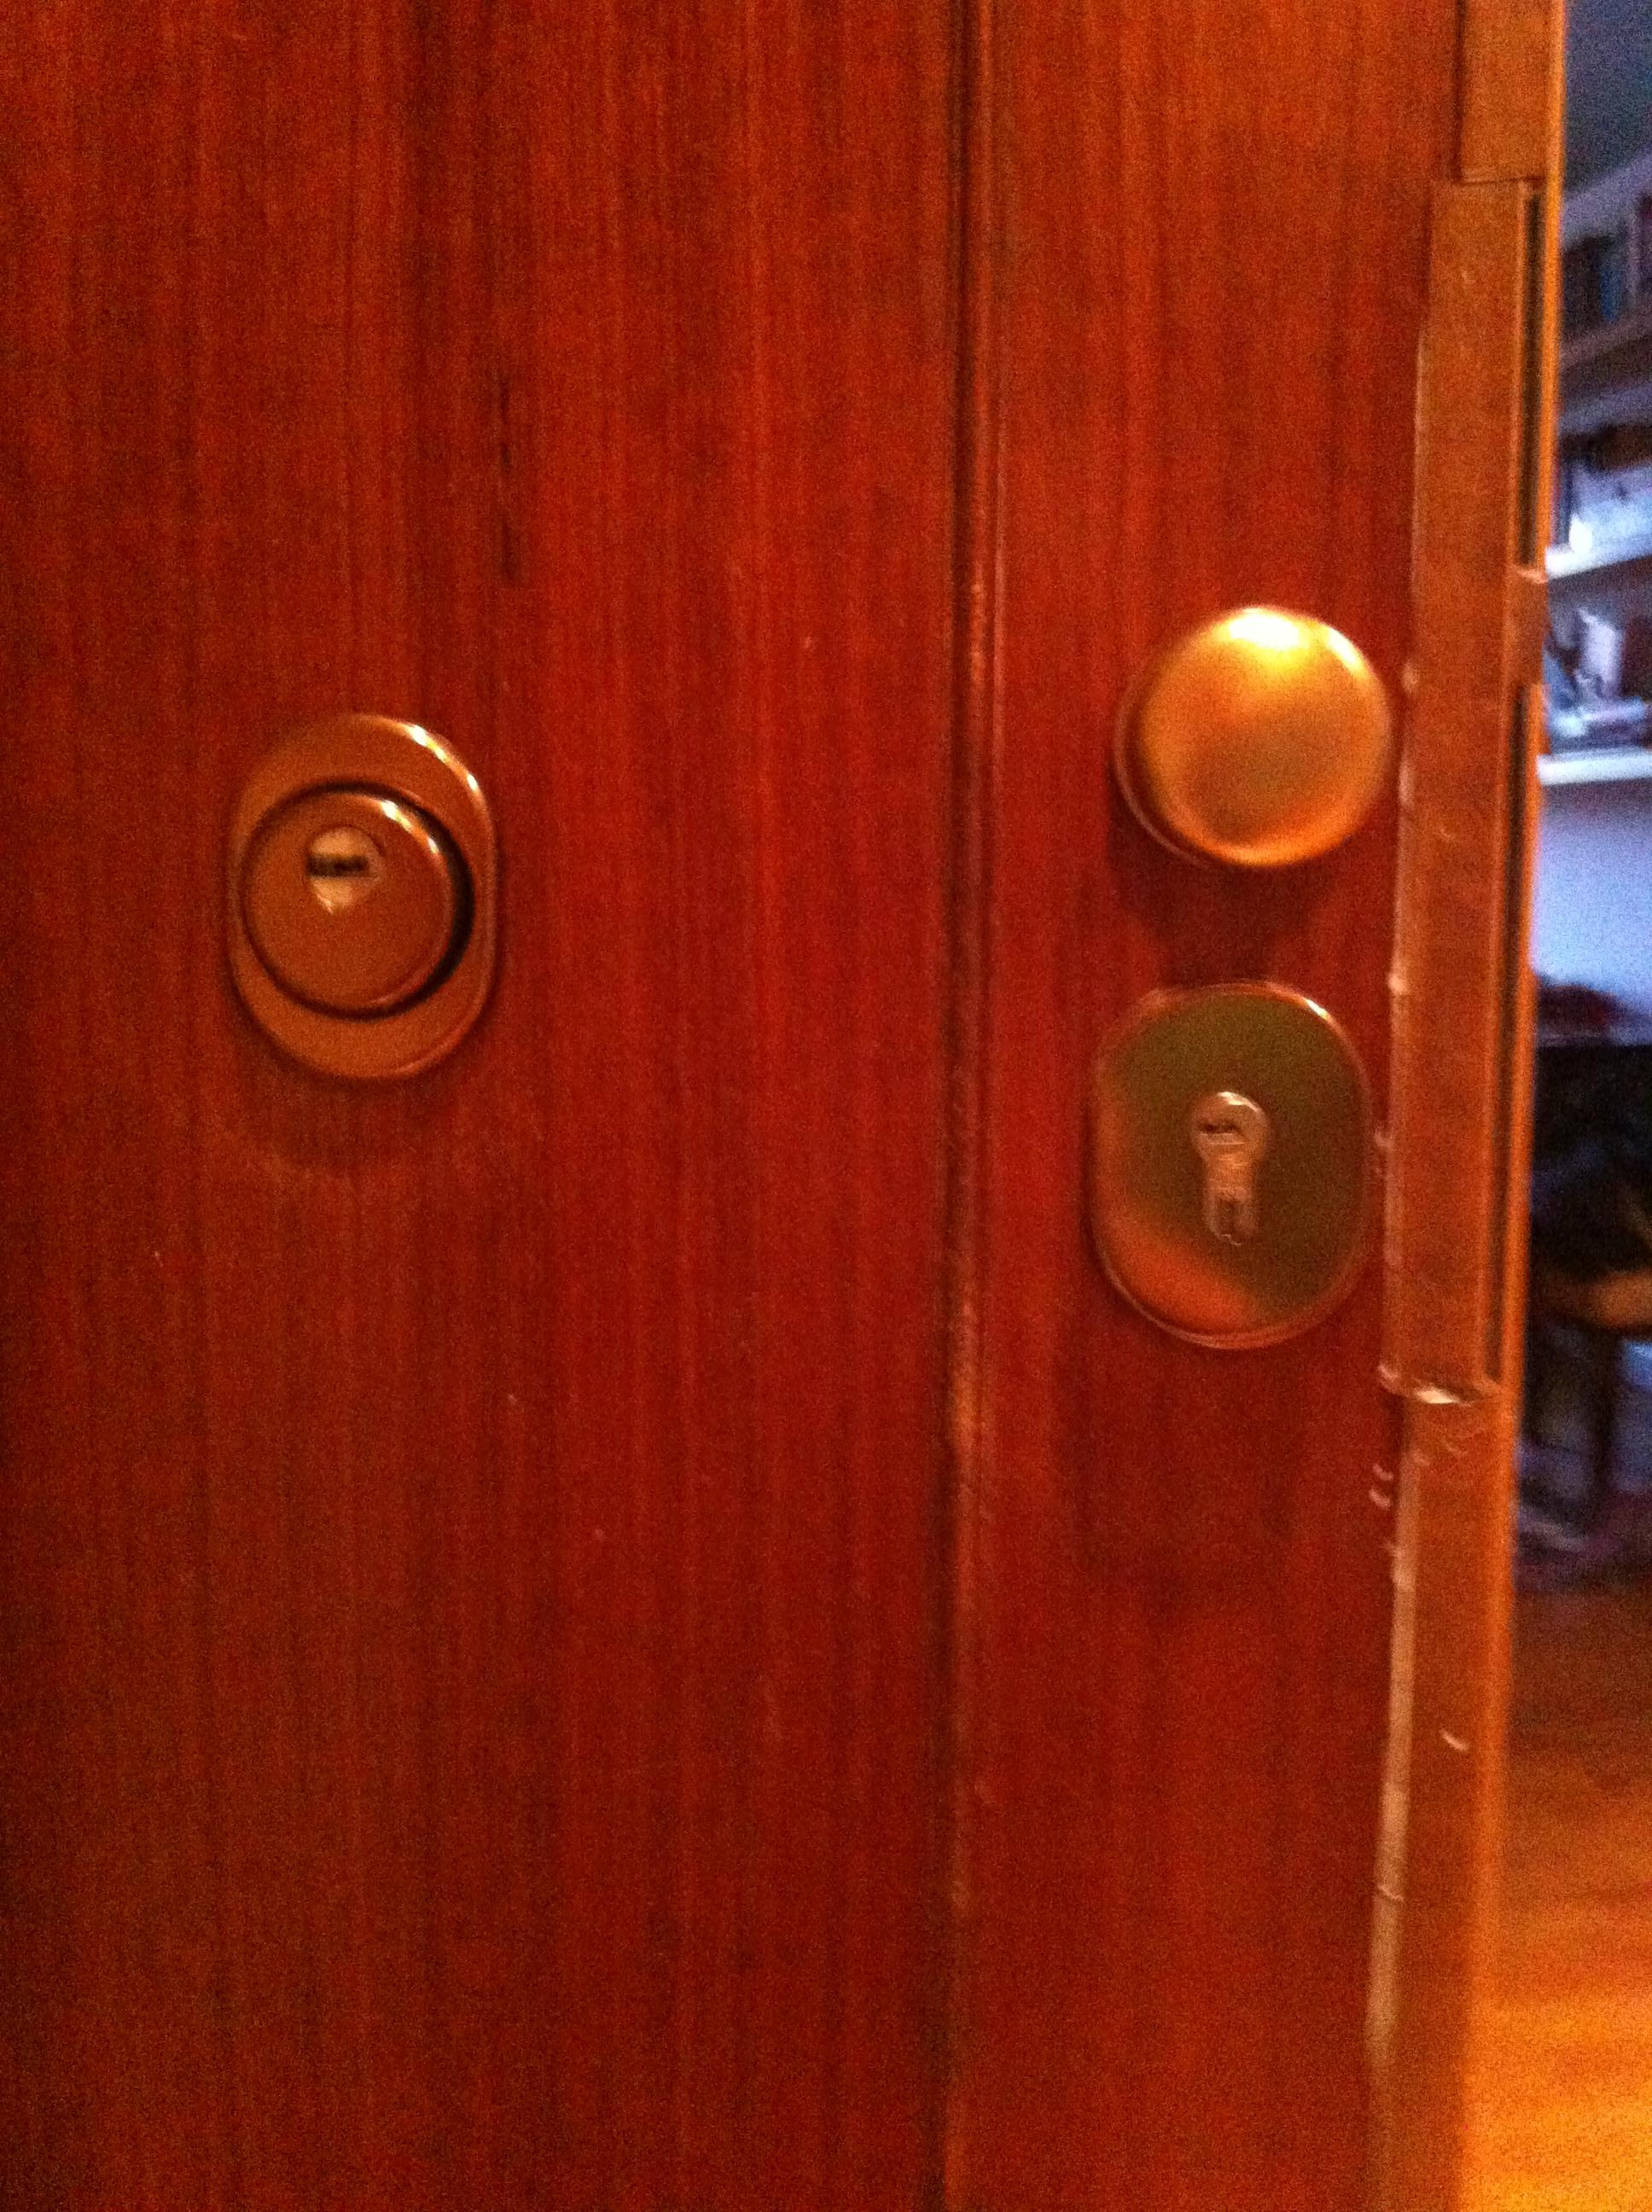 Cilindro europeo kaba sostituzione serrature milano for Domande da porre a un costruttore domestico personalizzato